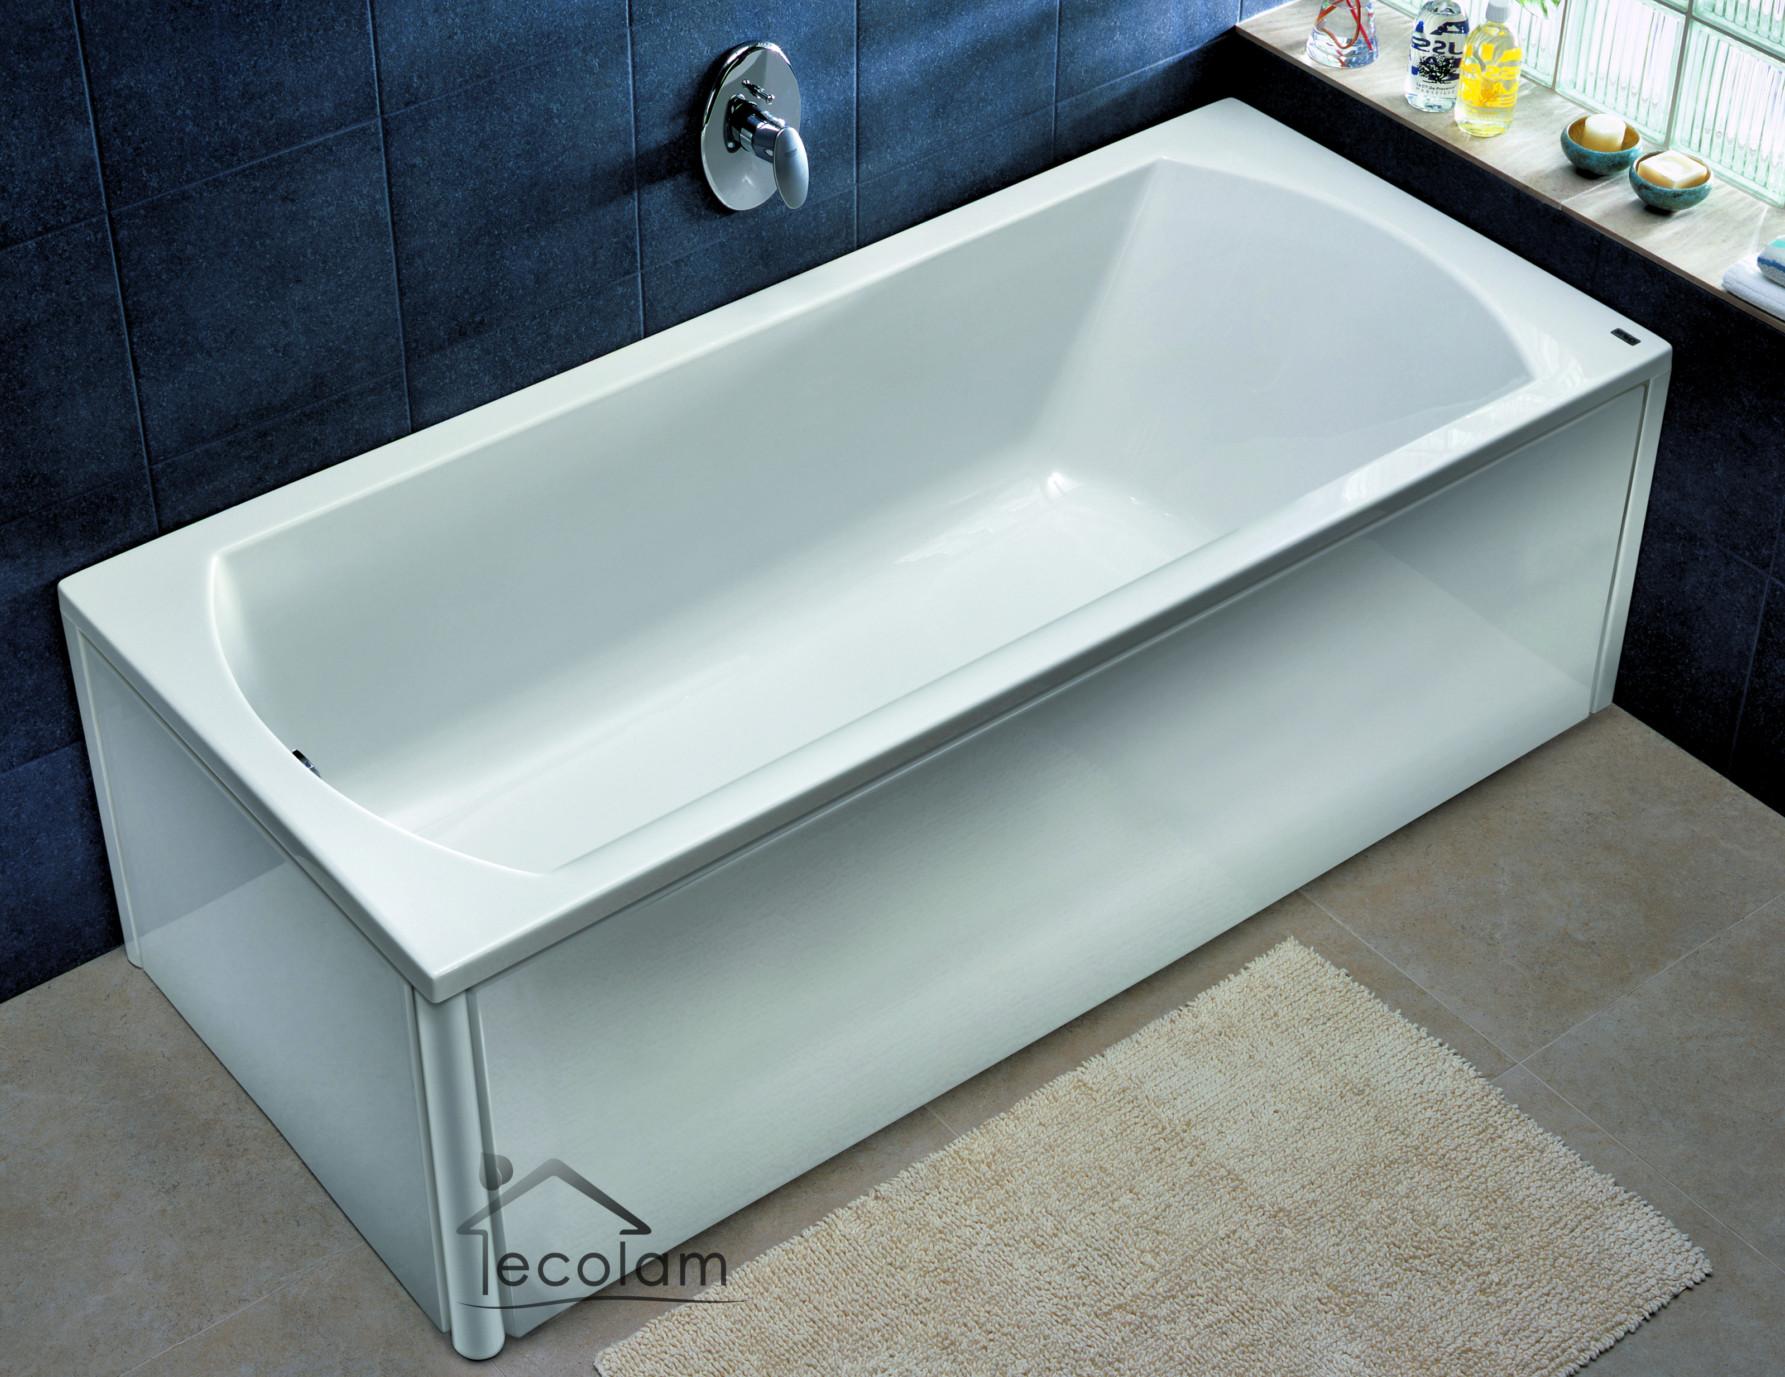 badewanne wanne rechteck 150 x 75 cm ohne mit sch rze ab berlauf acryl kolo p. Black Bedroom Furniture Sets. Home Design Ideas